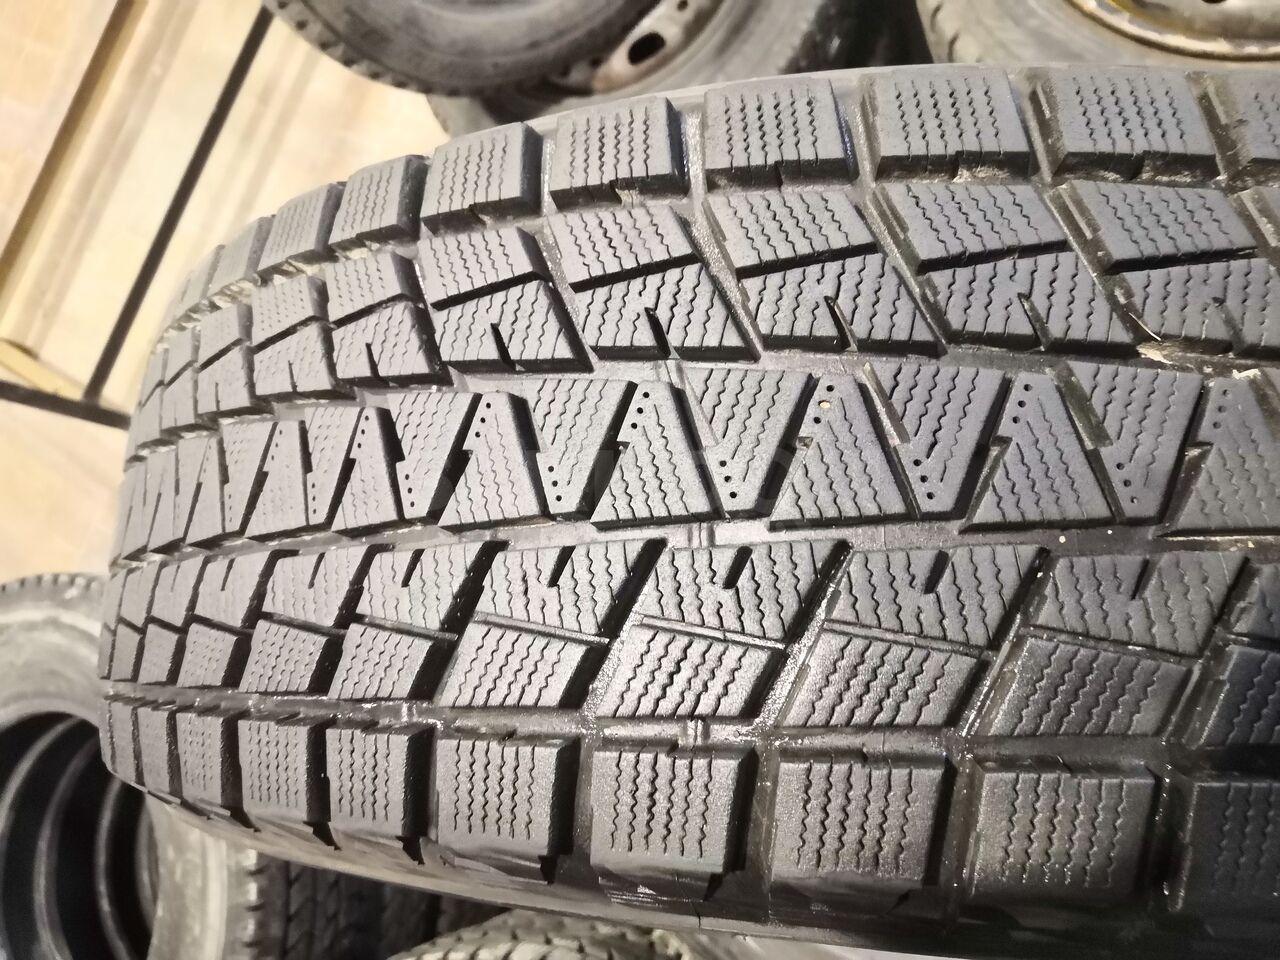 купить зимние шины в кредит сколько нужно проработать чтобы получить кредит